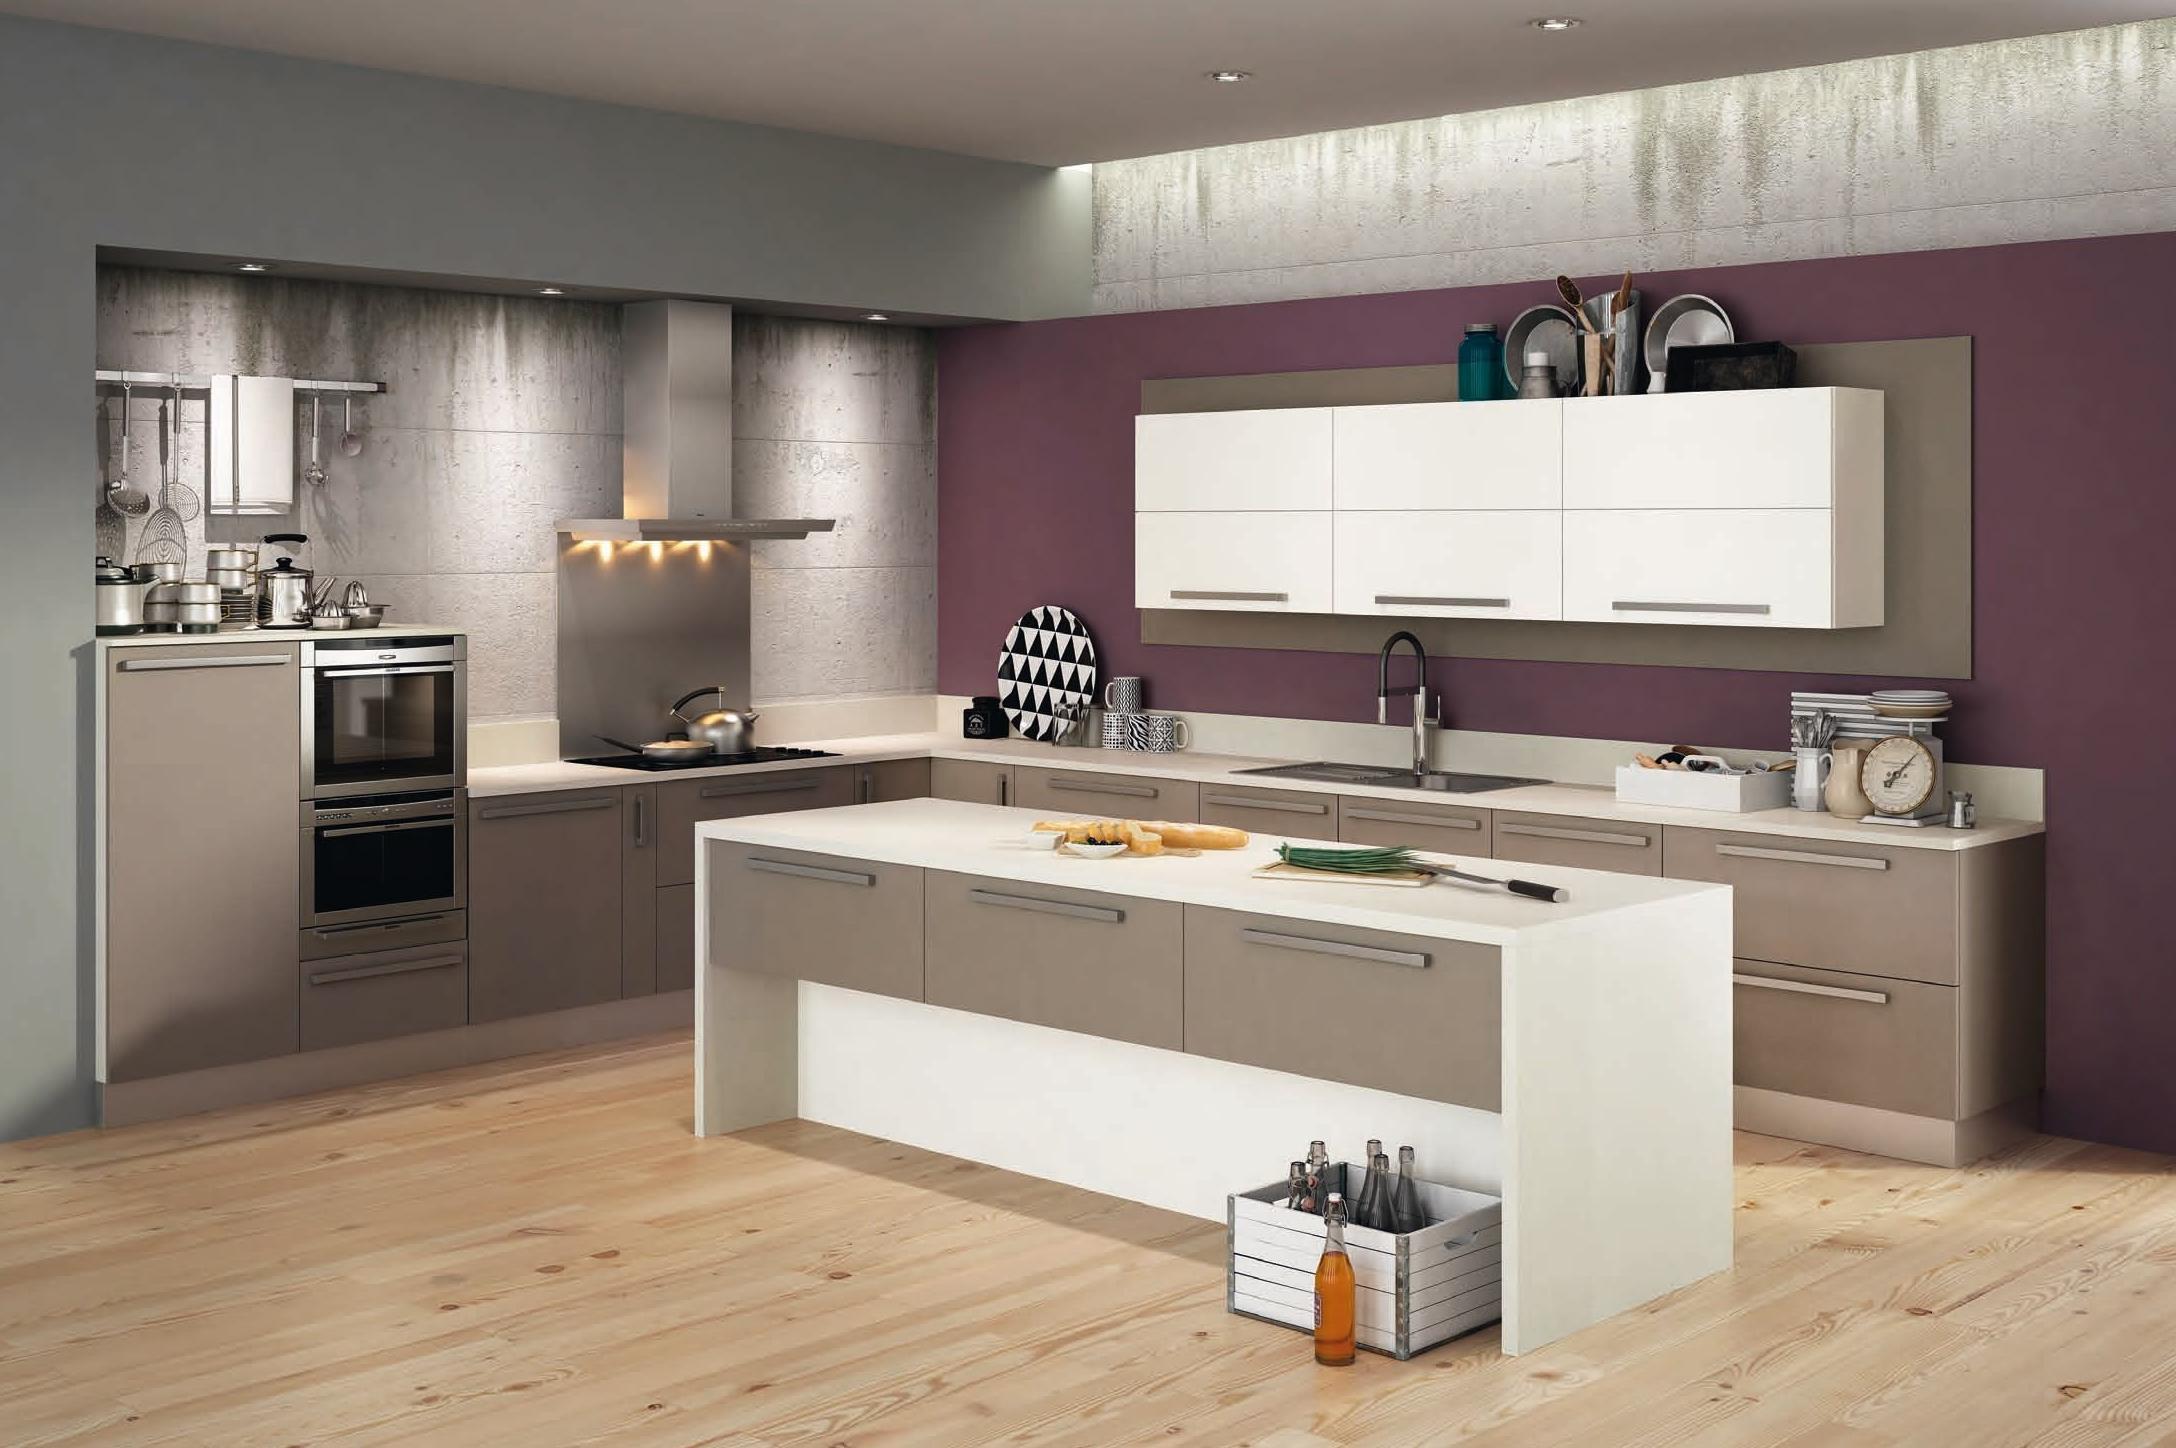 Cocina blanco servicios y productos de instal lacions davelor - Encimeras alvic ...